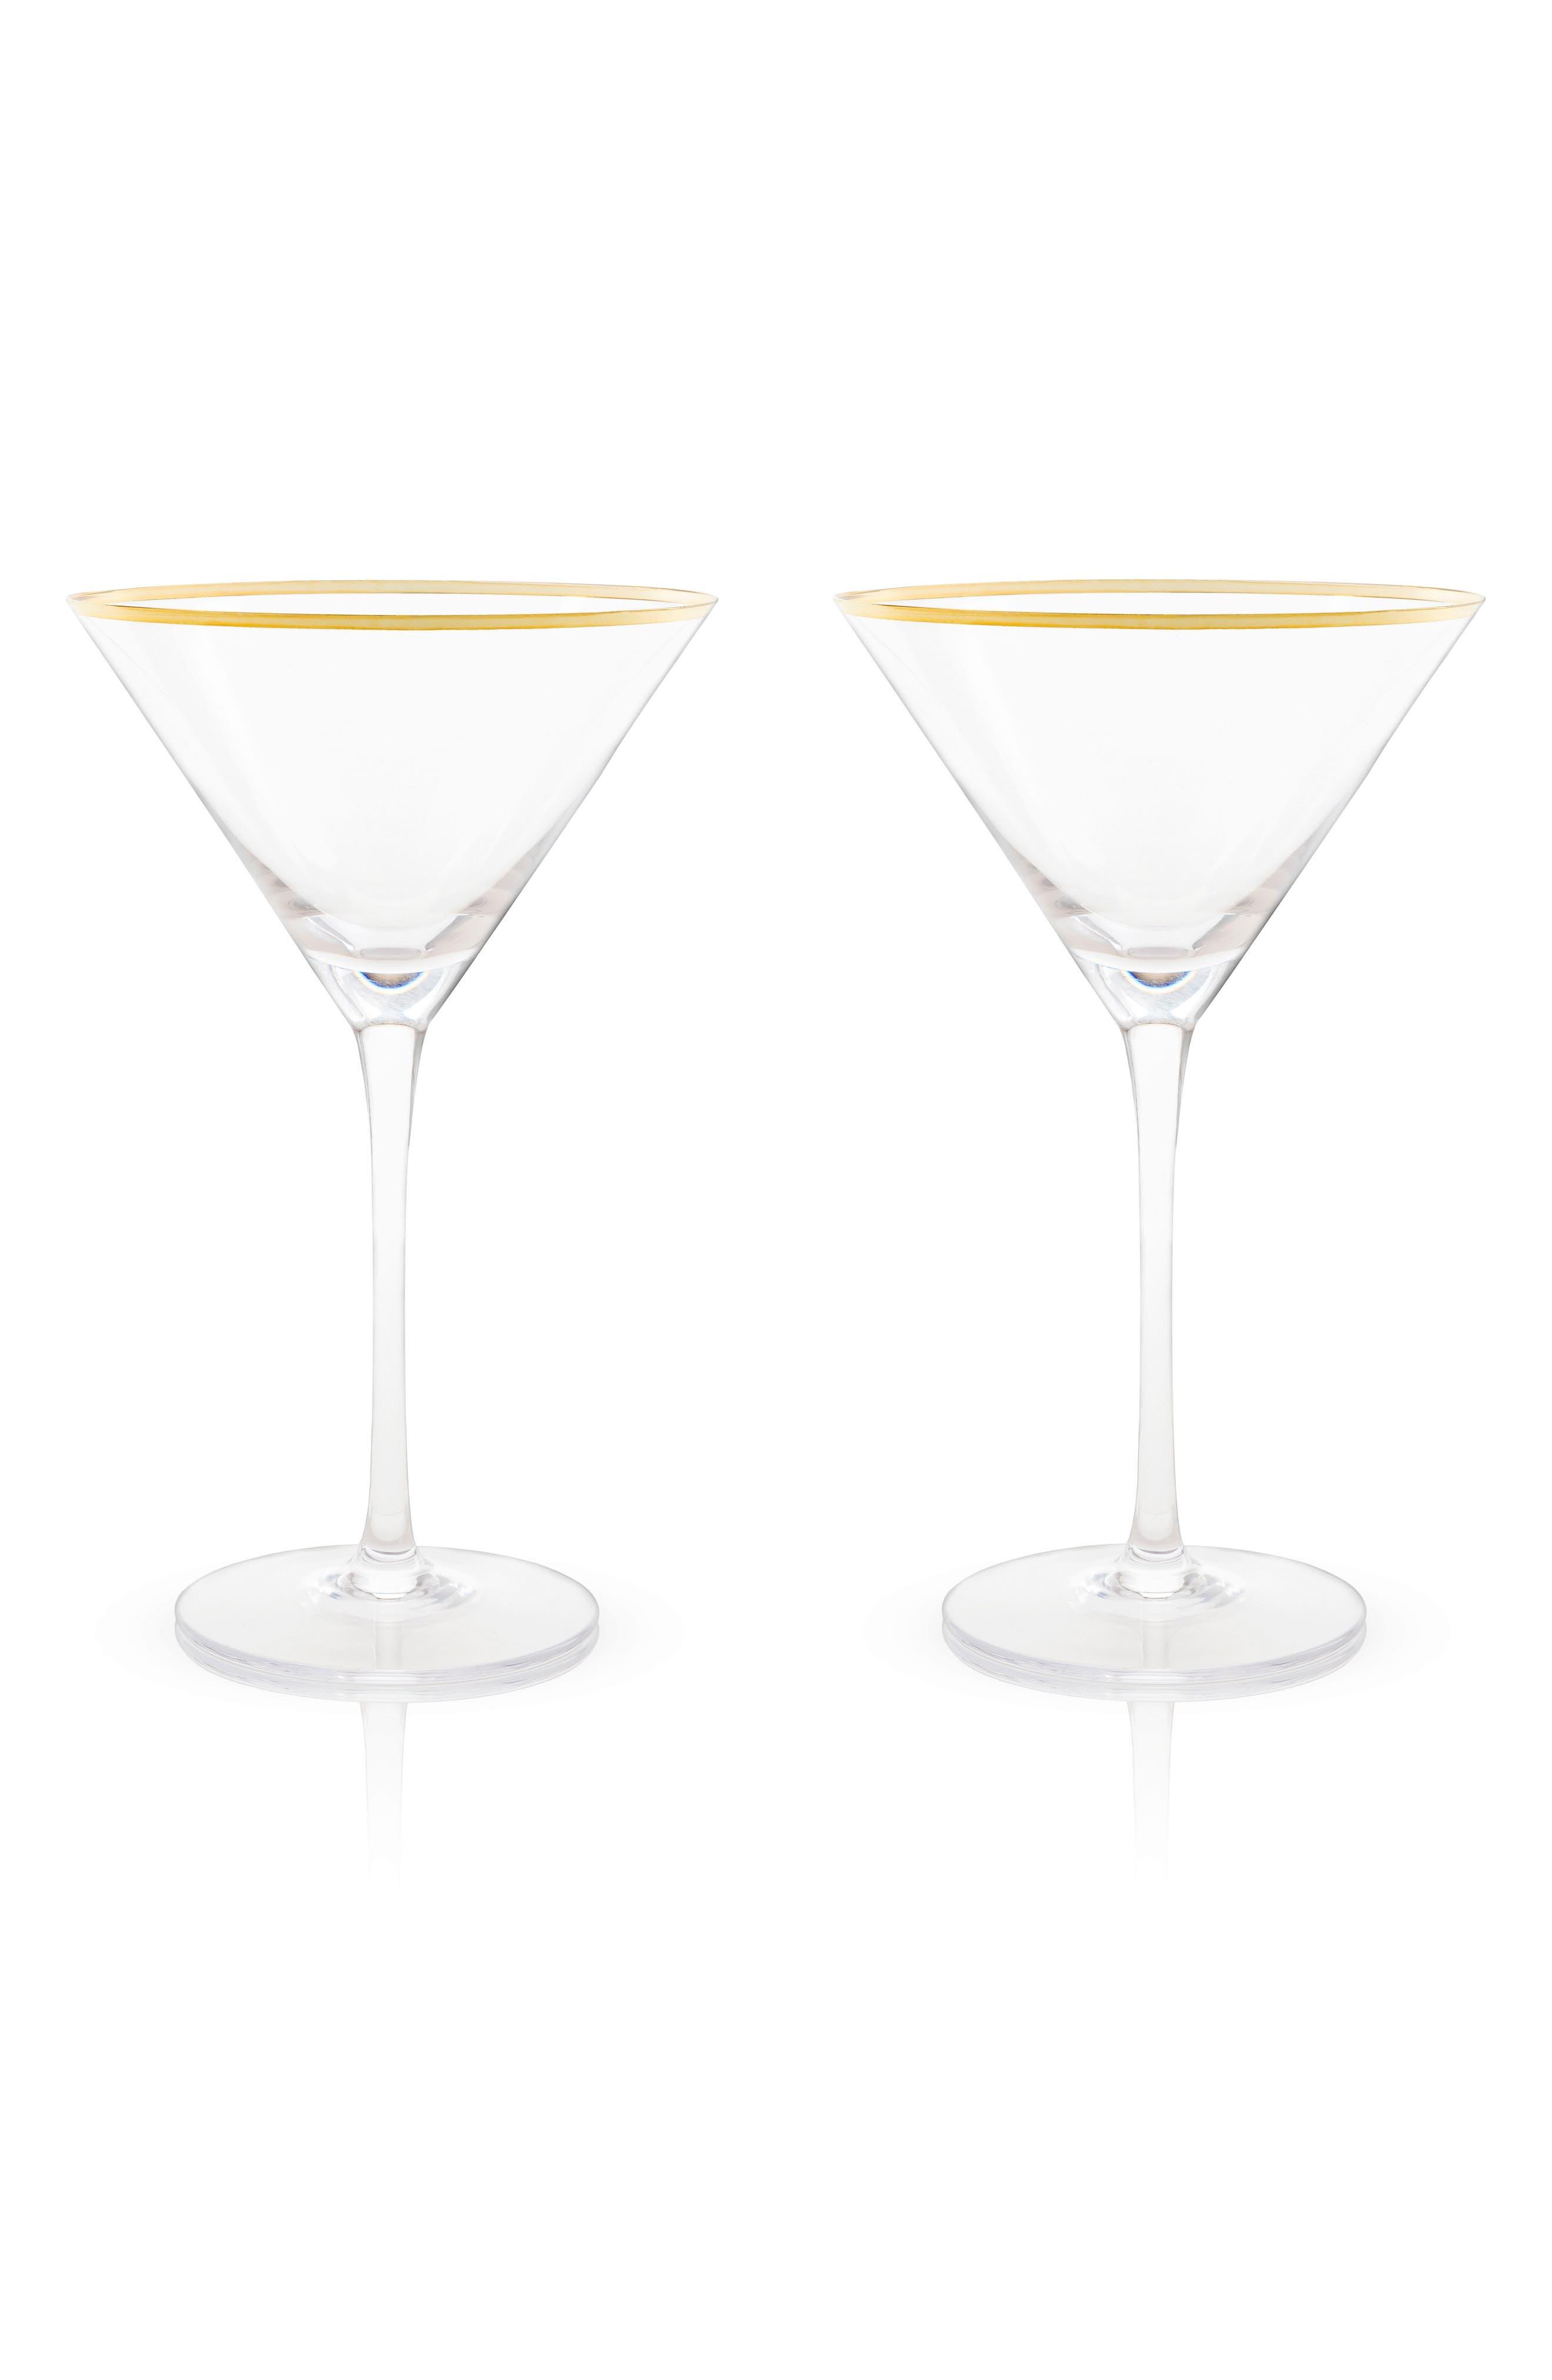 Set of 2 Gold Rim Martini Glasses,                             Main thumbnail 1, color,                             White